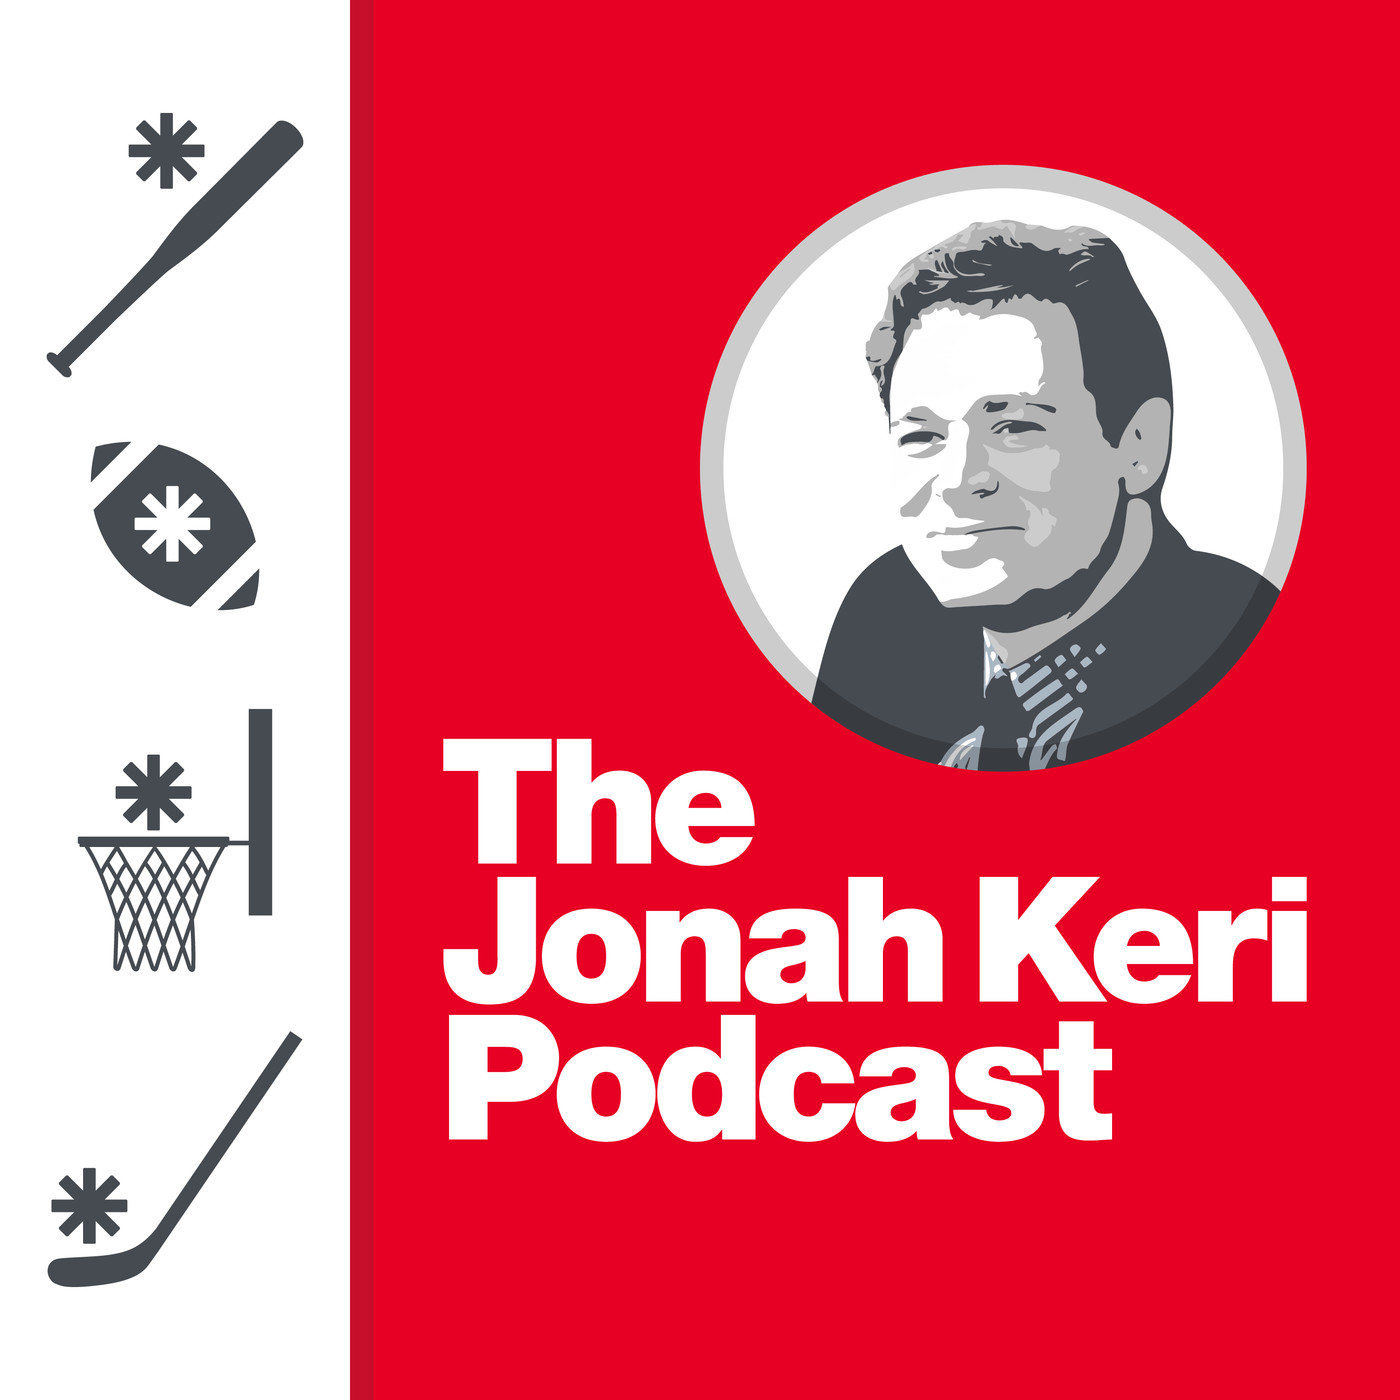 The Jonah Keri Podcast